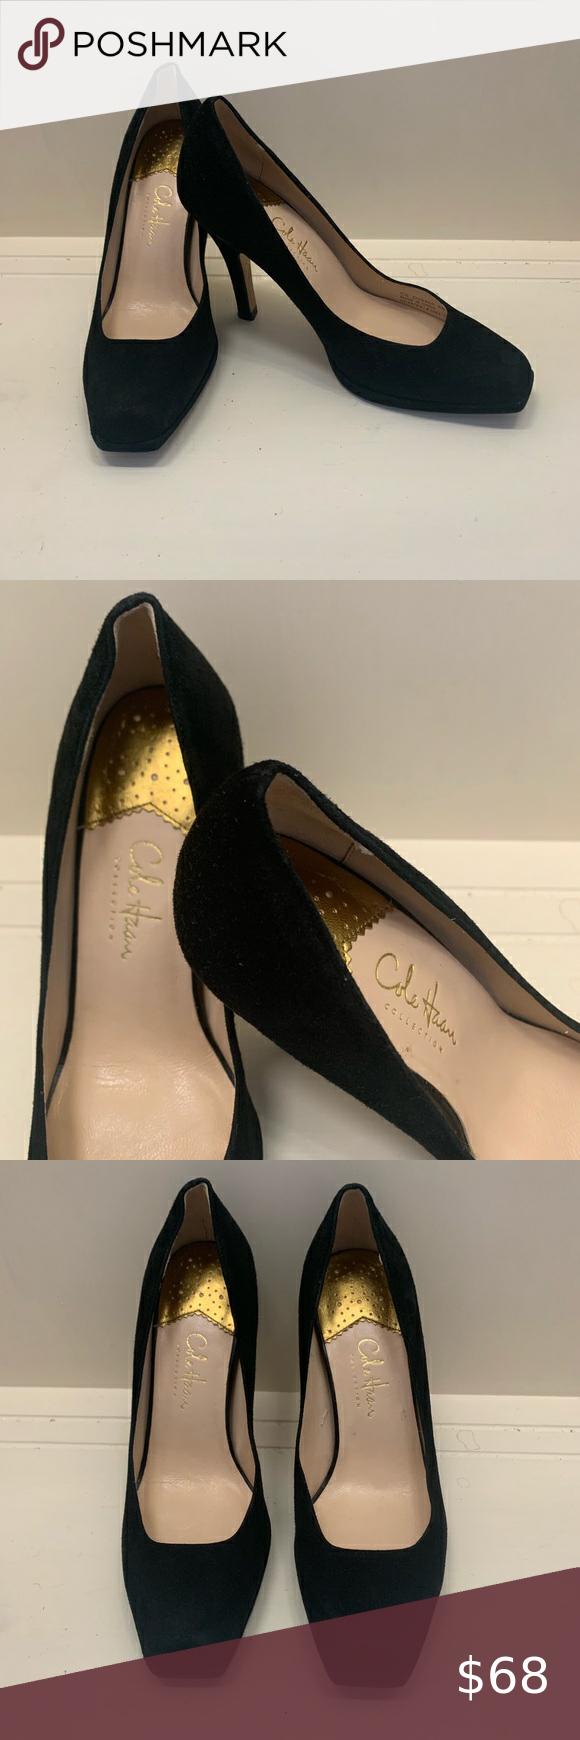 Cole Haan suede heels 6 in 2020 | Suede